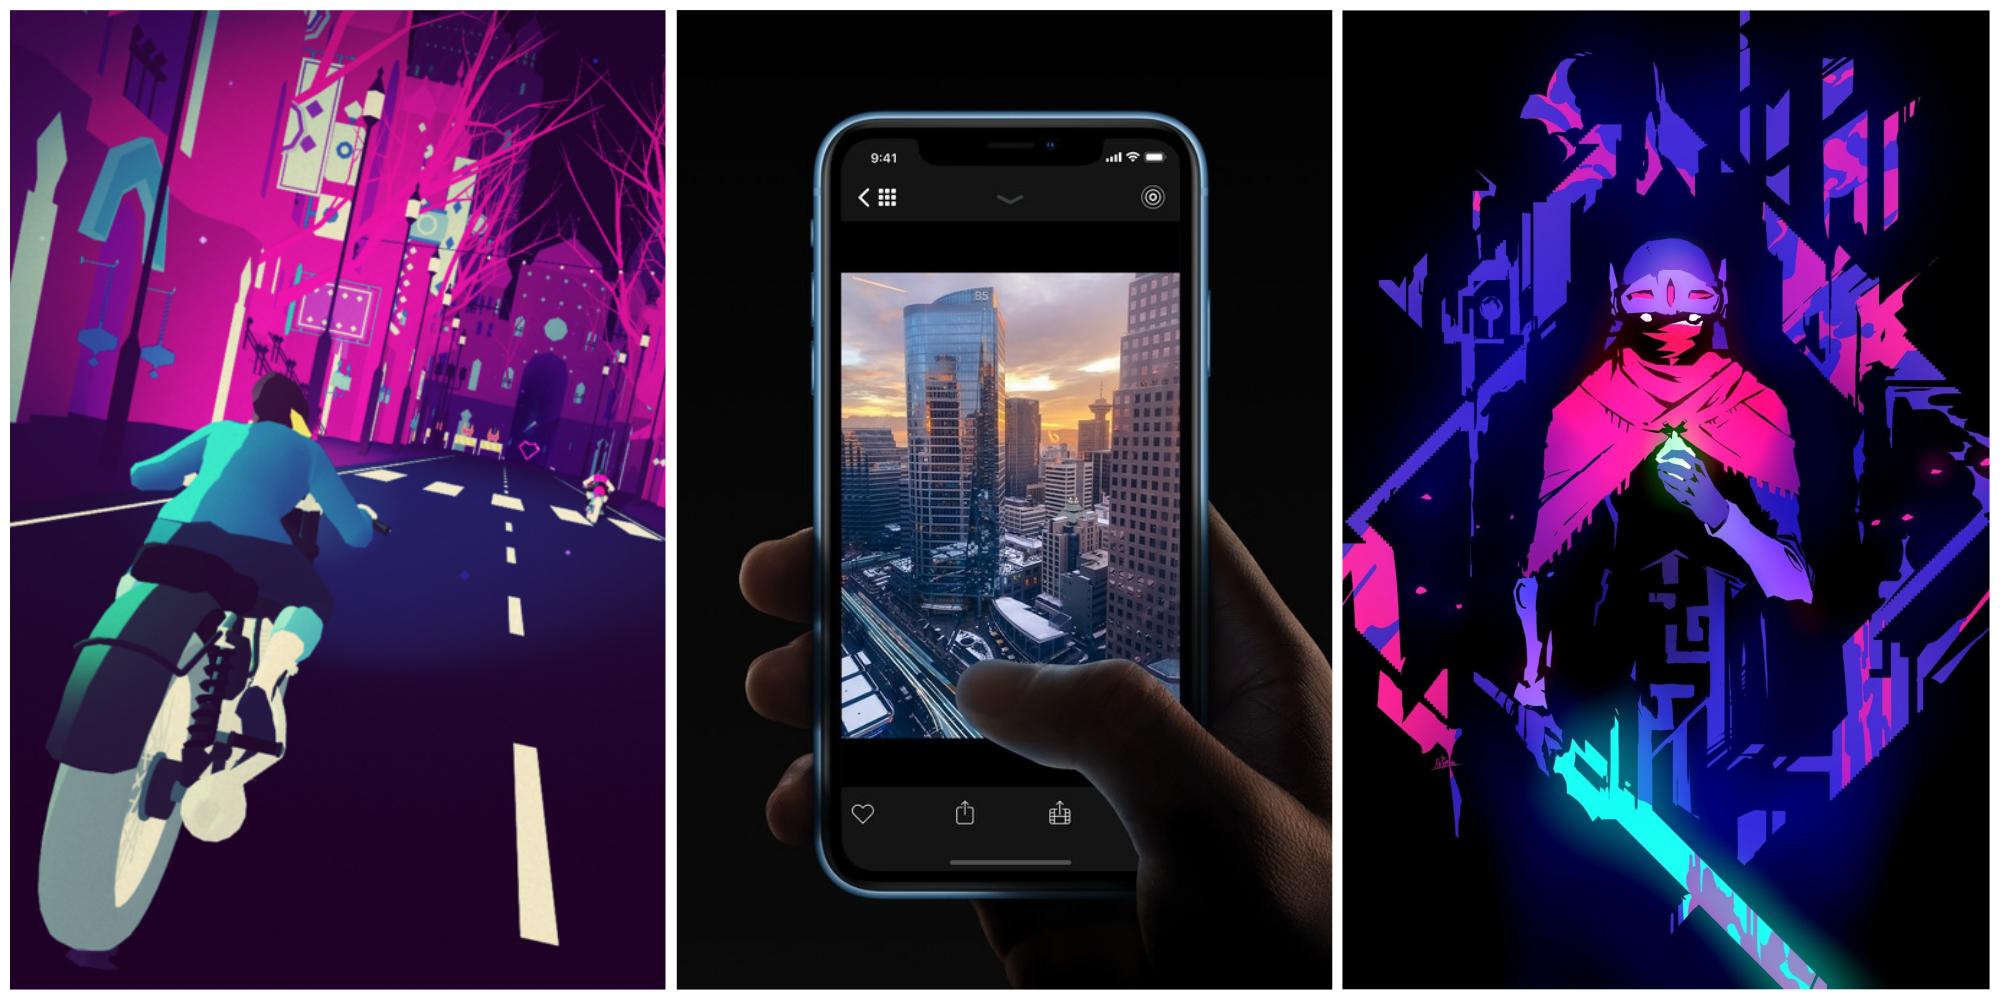 Лучшие приложения и игры 2019 года по версии Apple